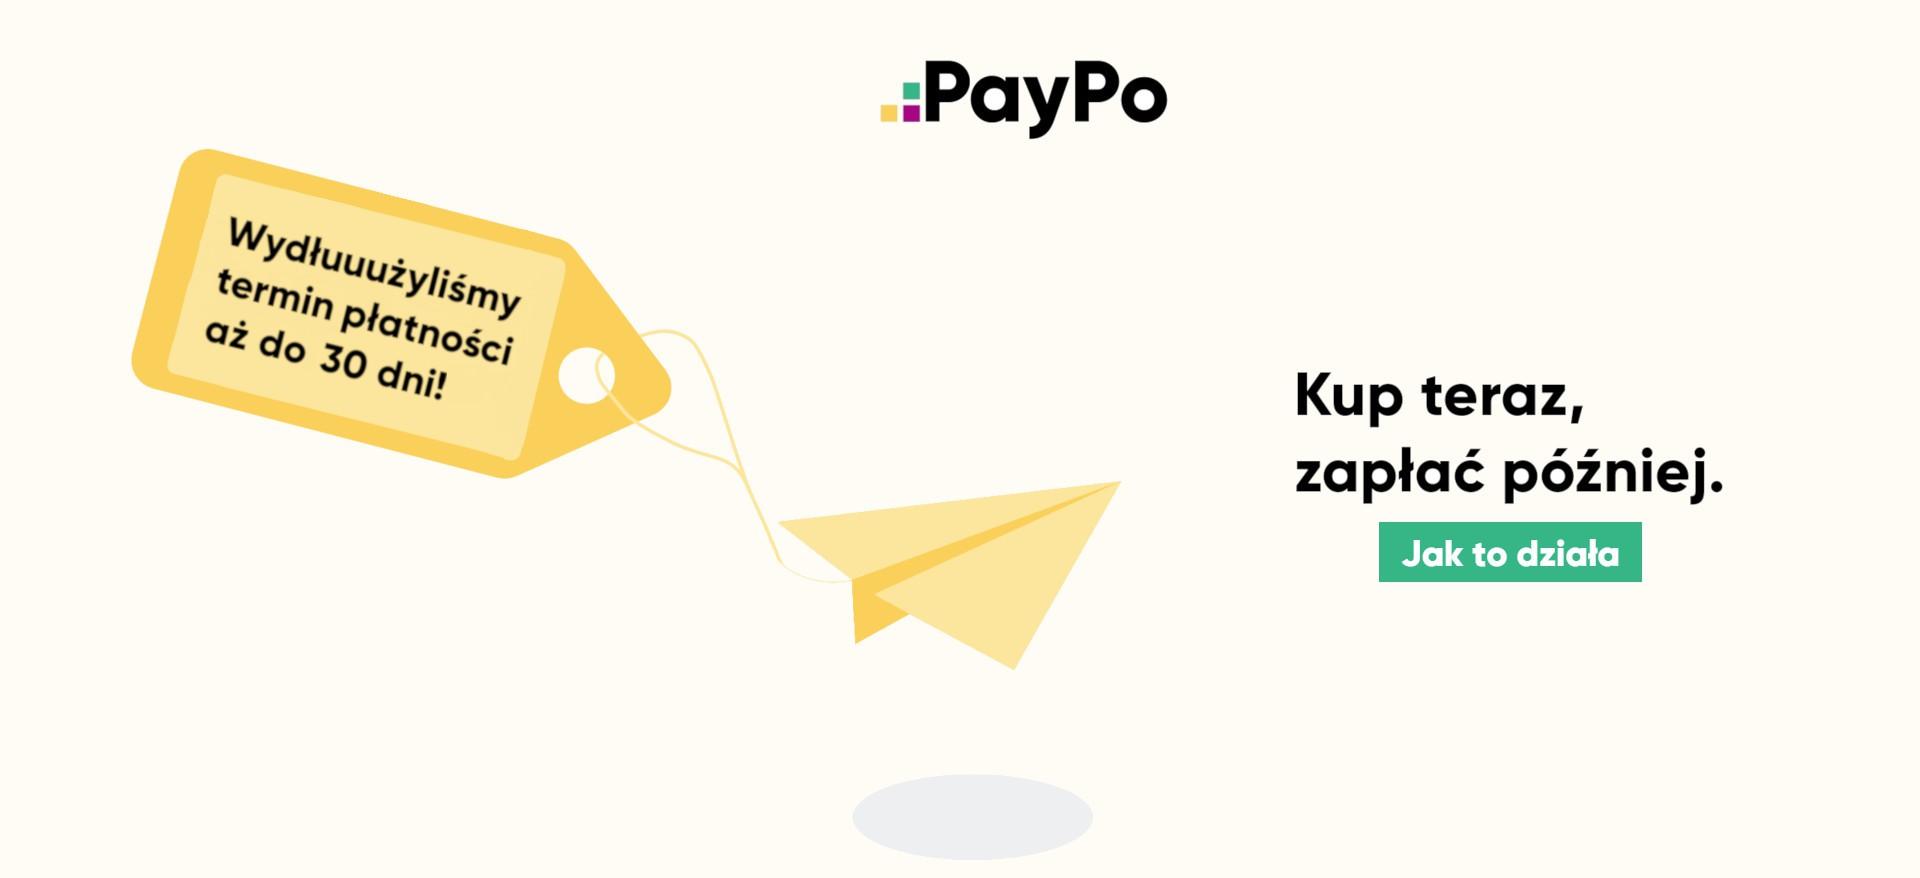 PayPo